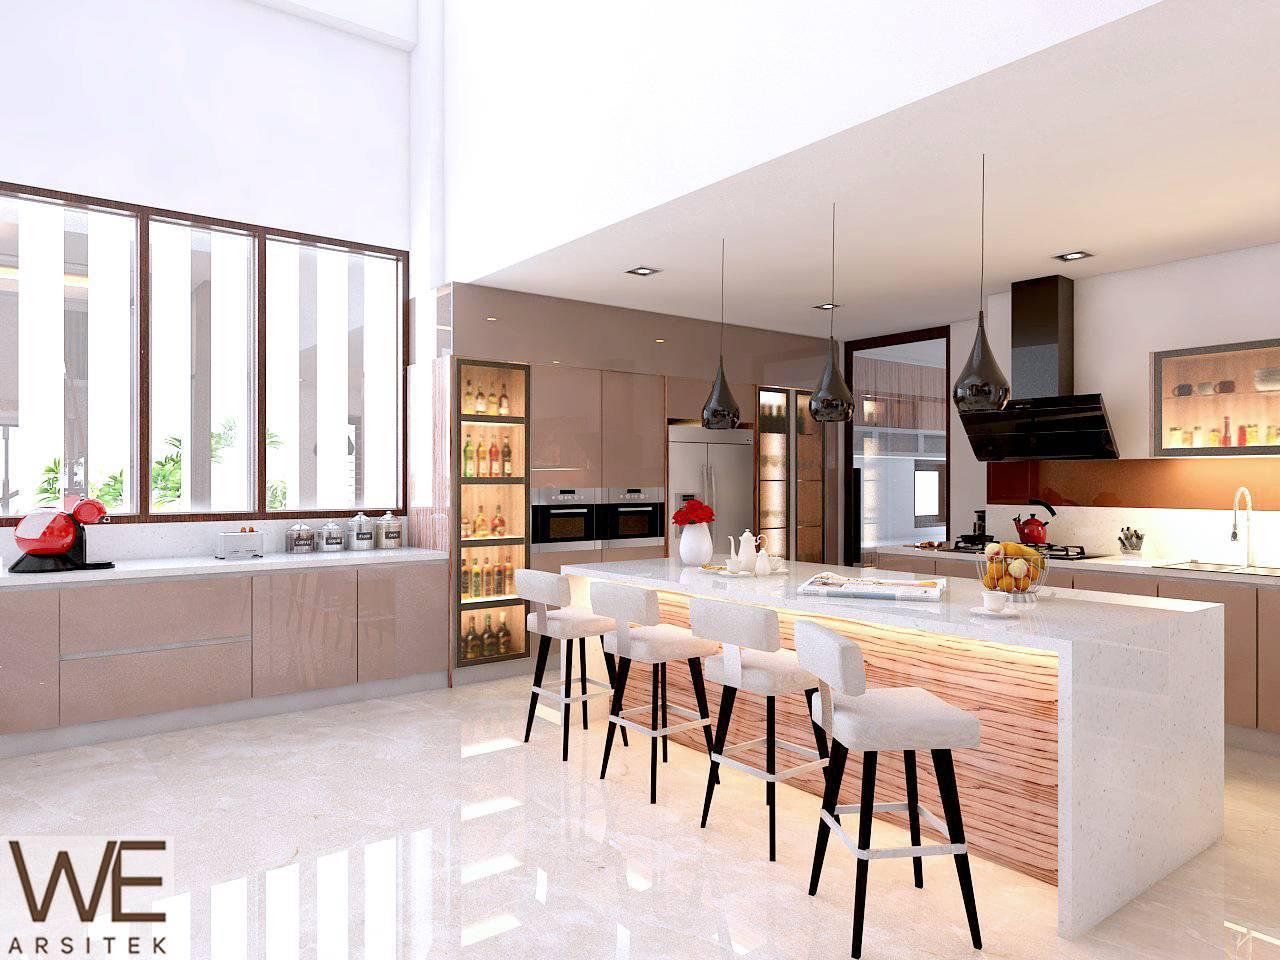 Lim Residence di Medan karya WE ARSITEK tahun 2014 (Sumber: arsitag.com)